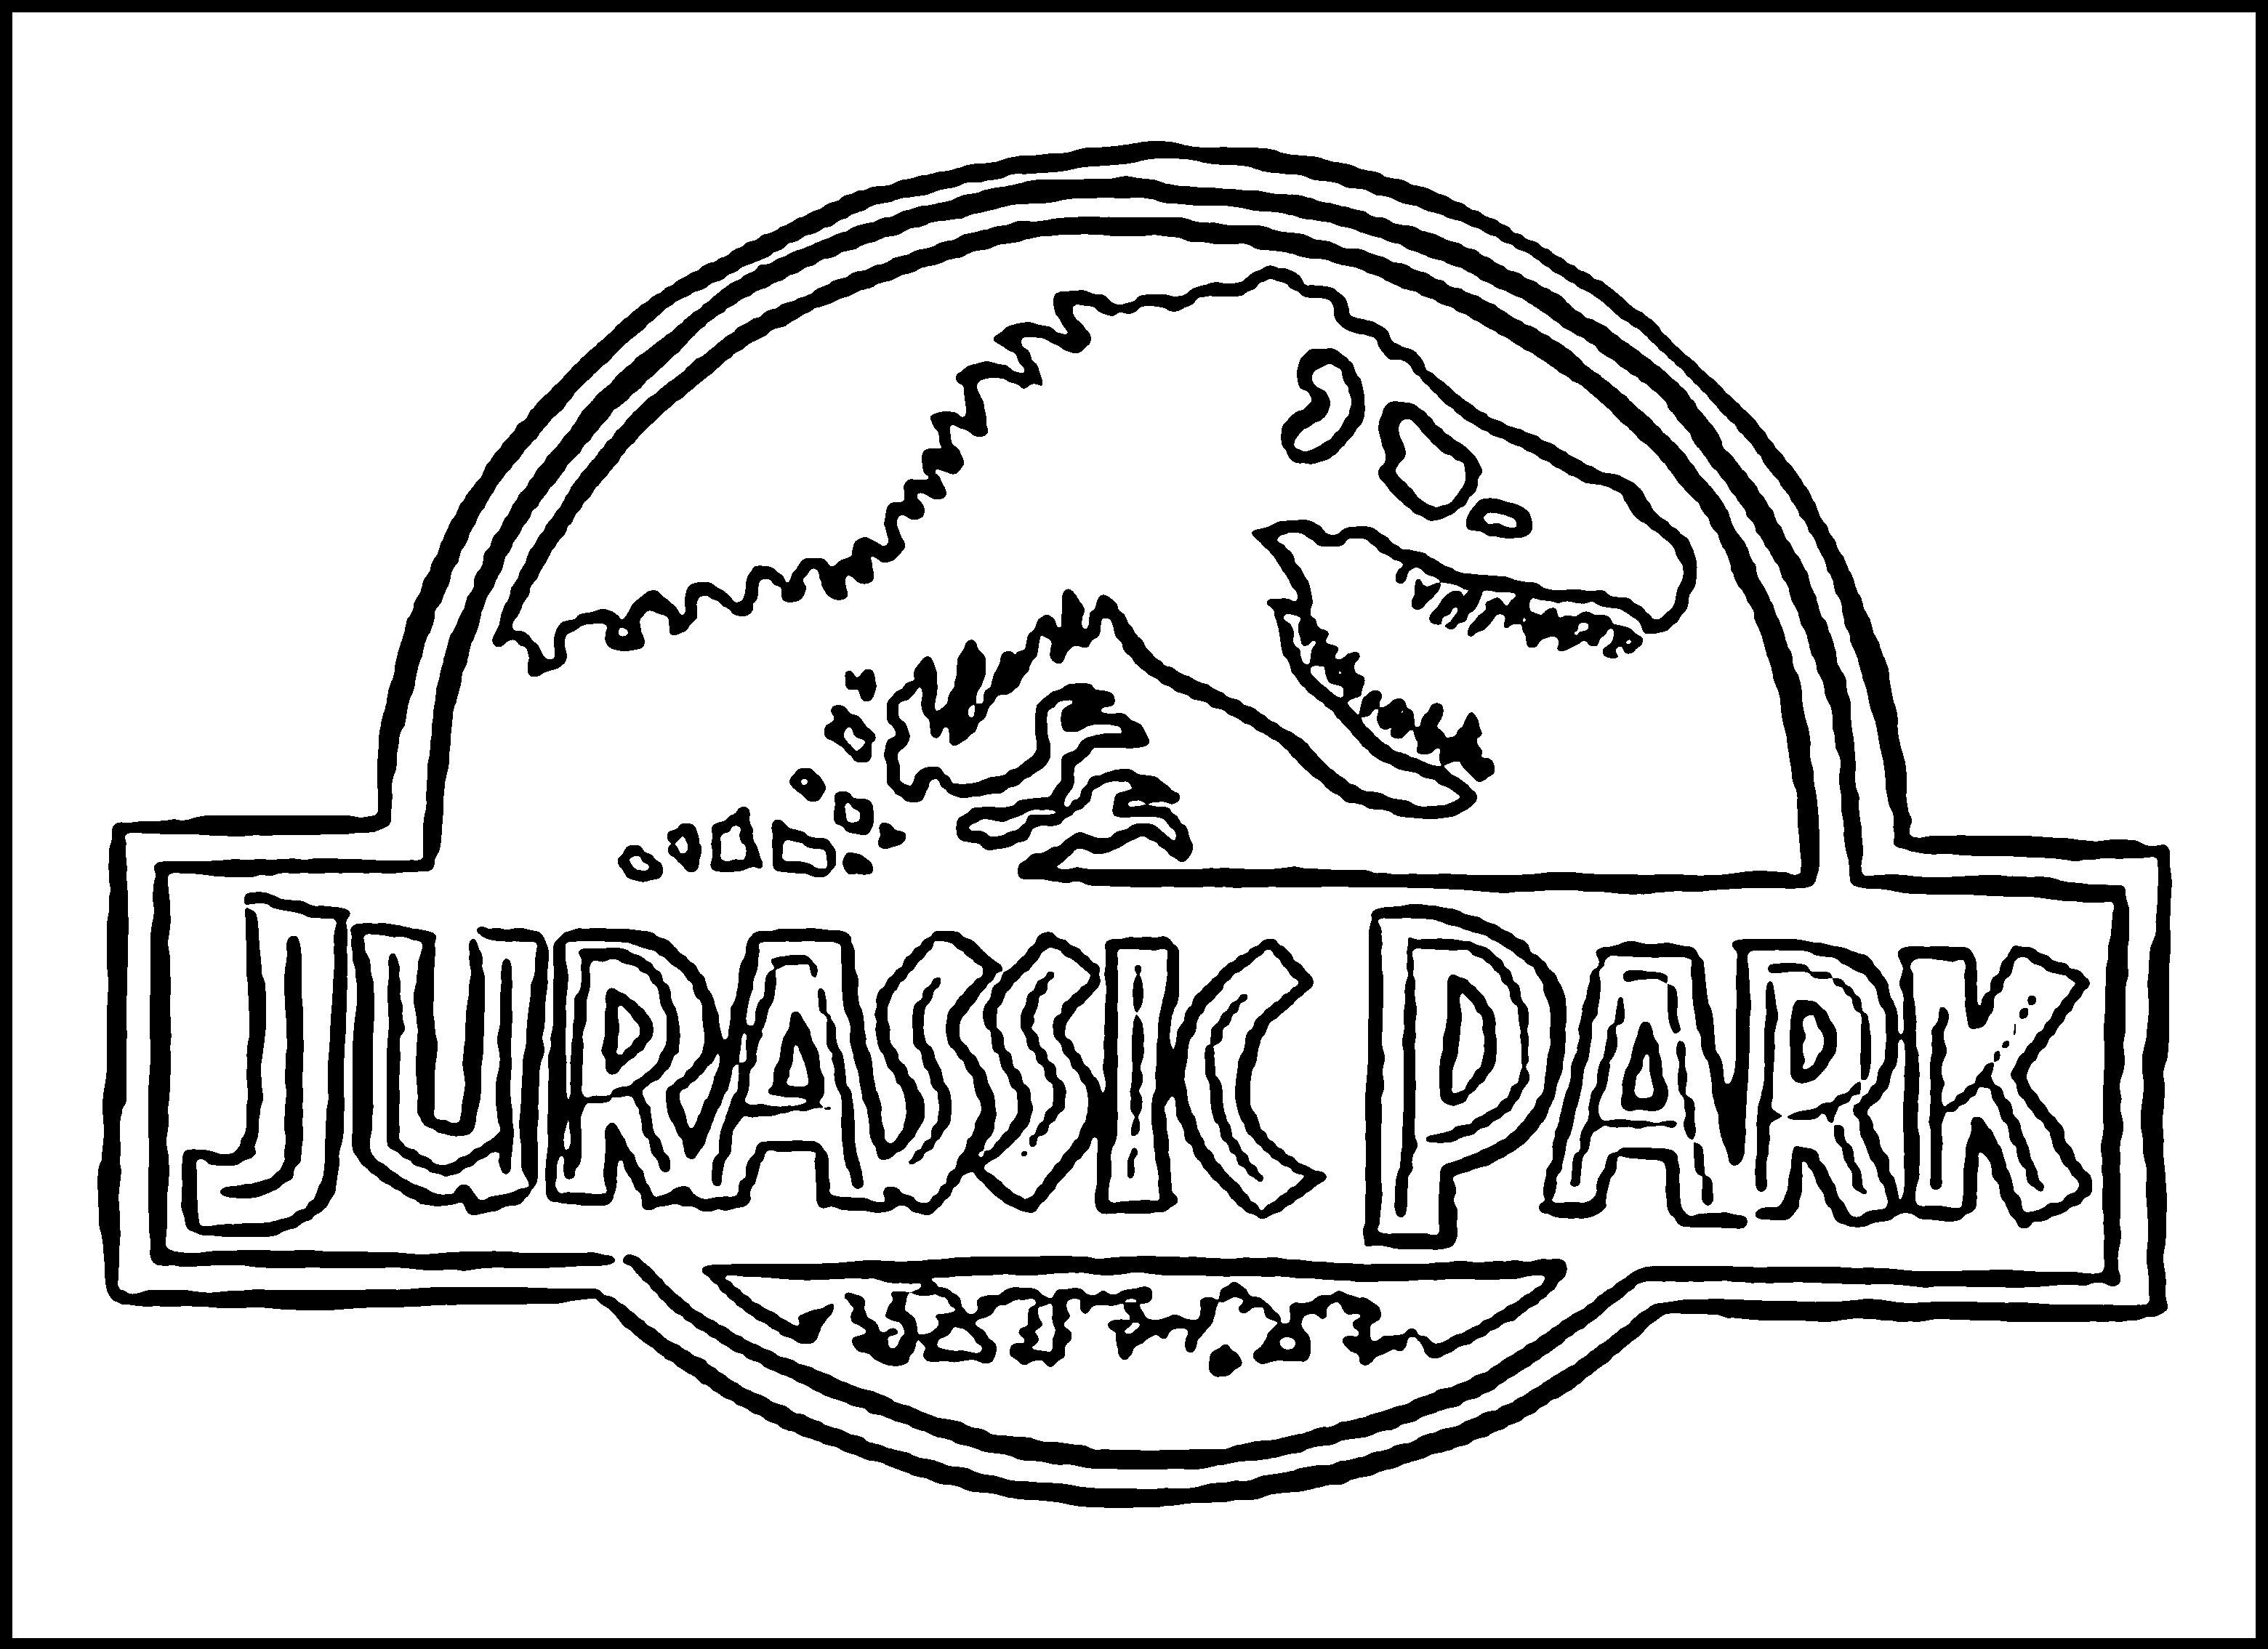 Jurassic Park Ausmalbilder Das Beste Von Ausmalbilder Jurassic World Dinosaurier Indominus Rex Elegant Avatar Fotografieren